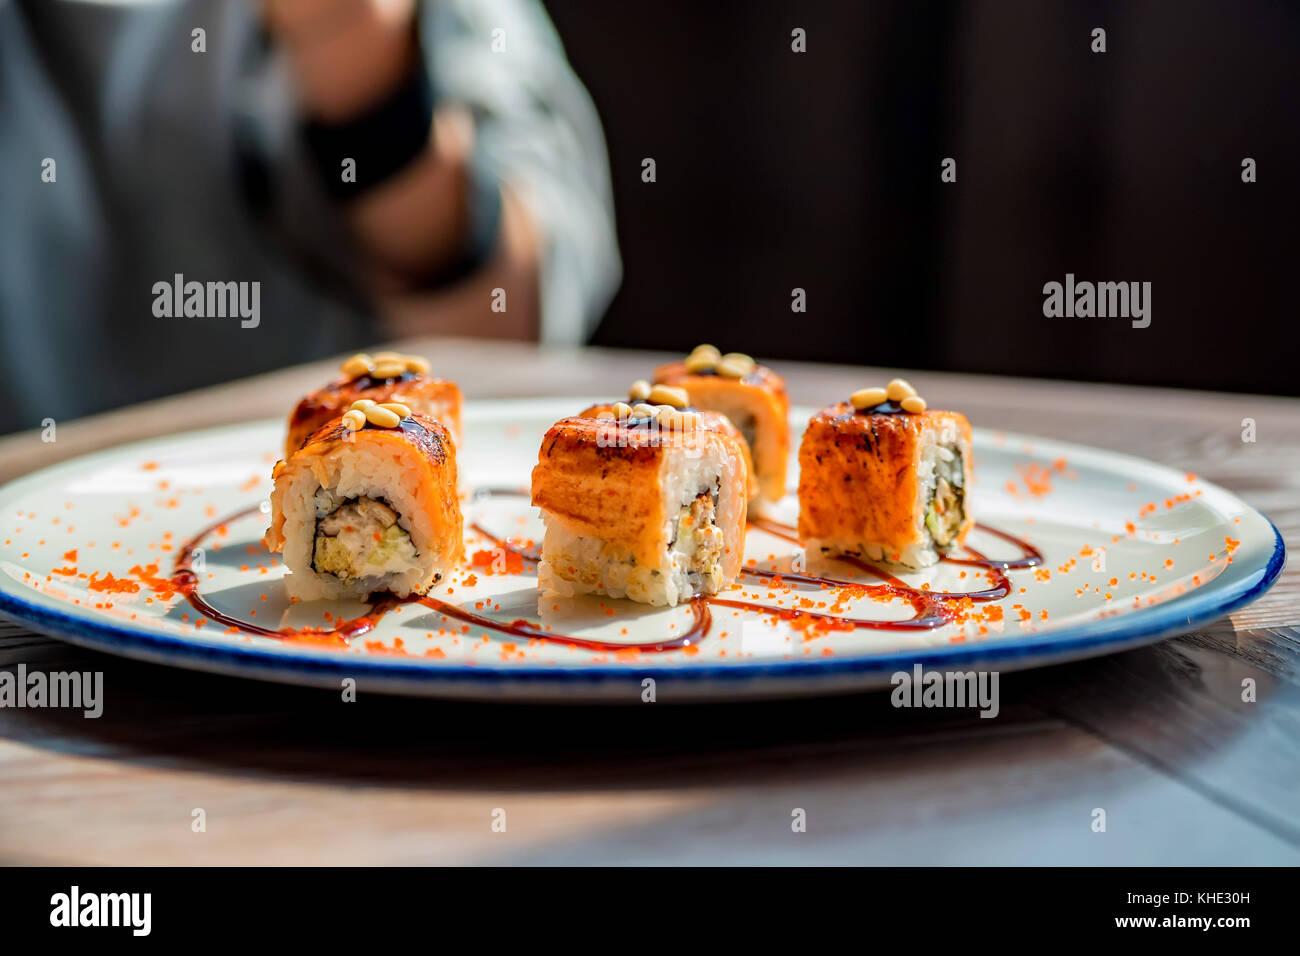 Image photographe alimentaire prend de rouleaux de sushi Photo Stock